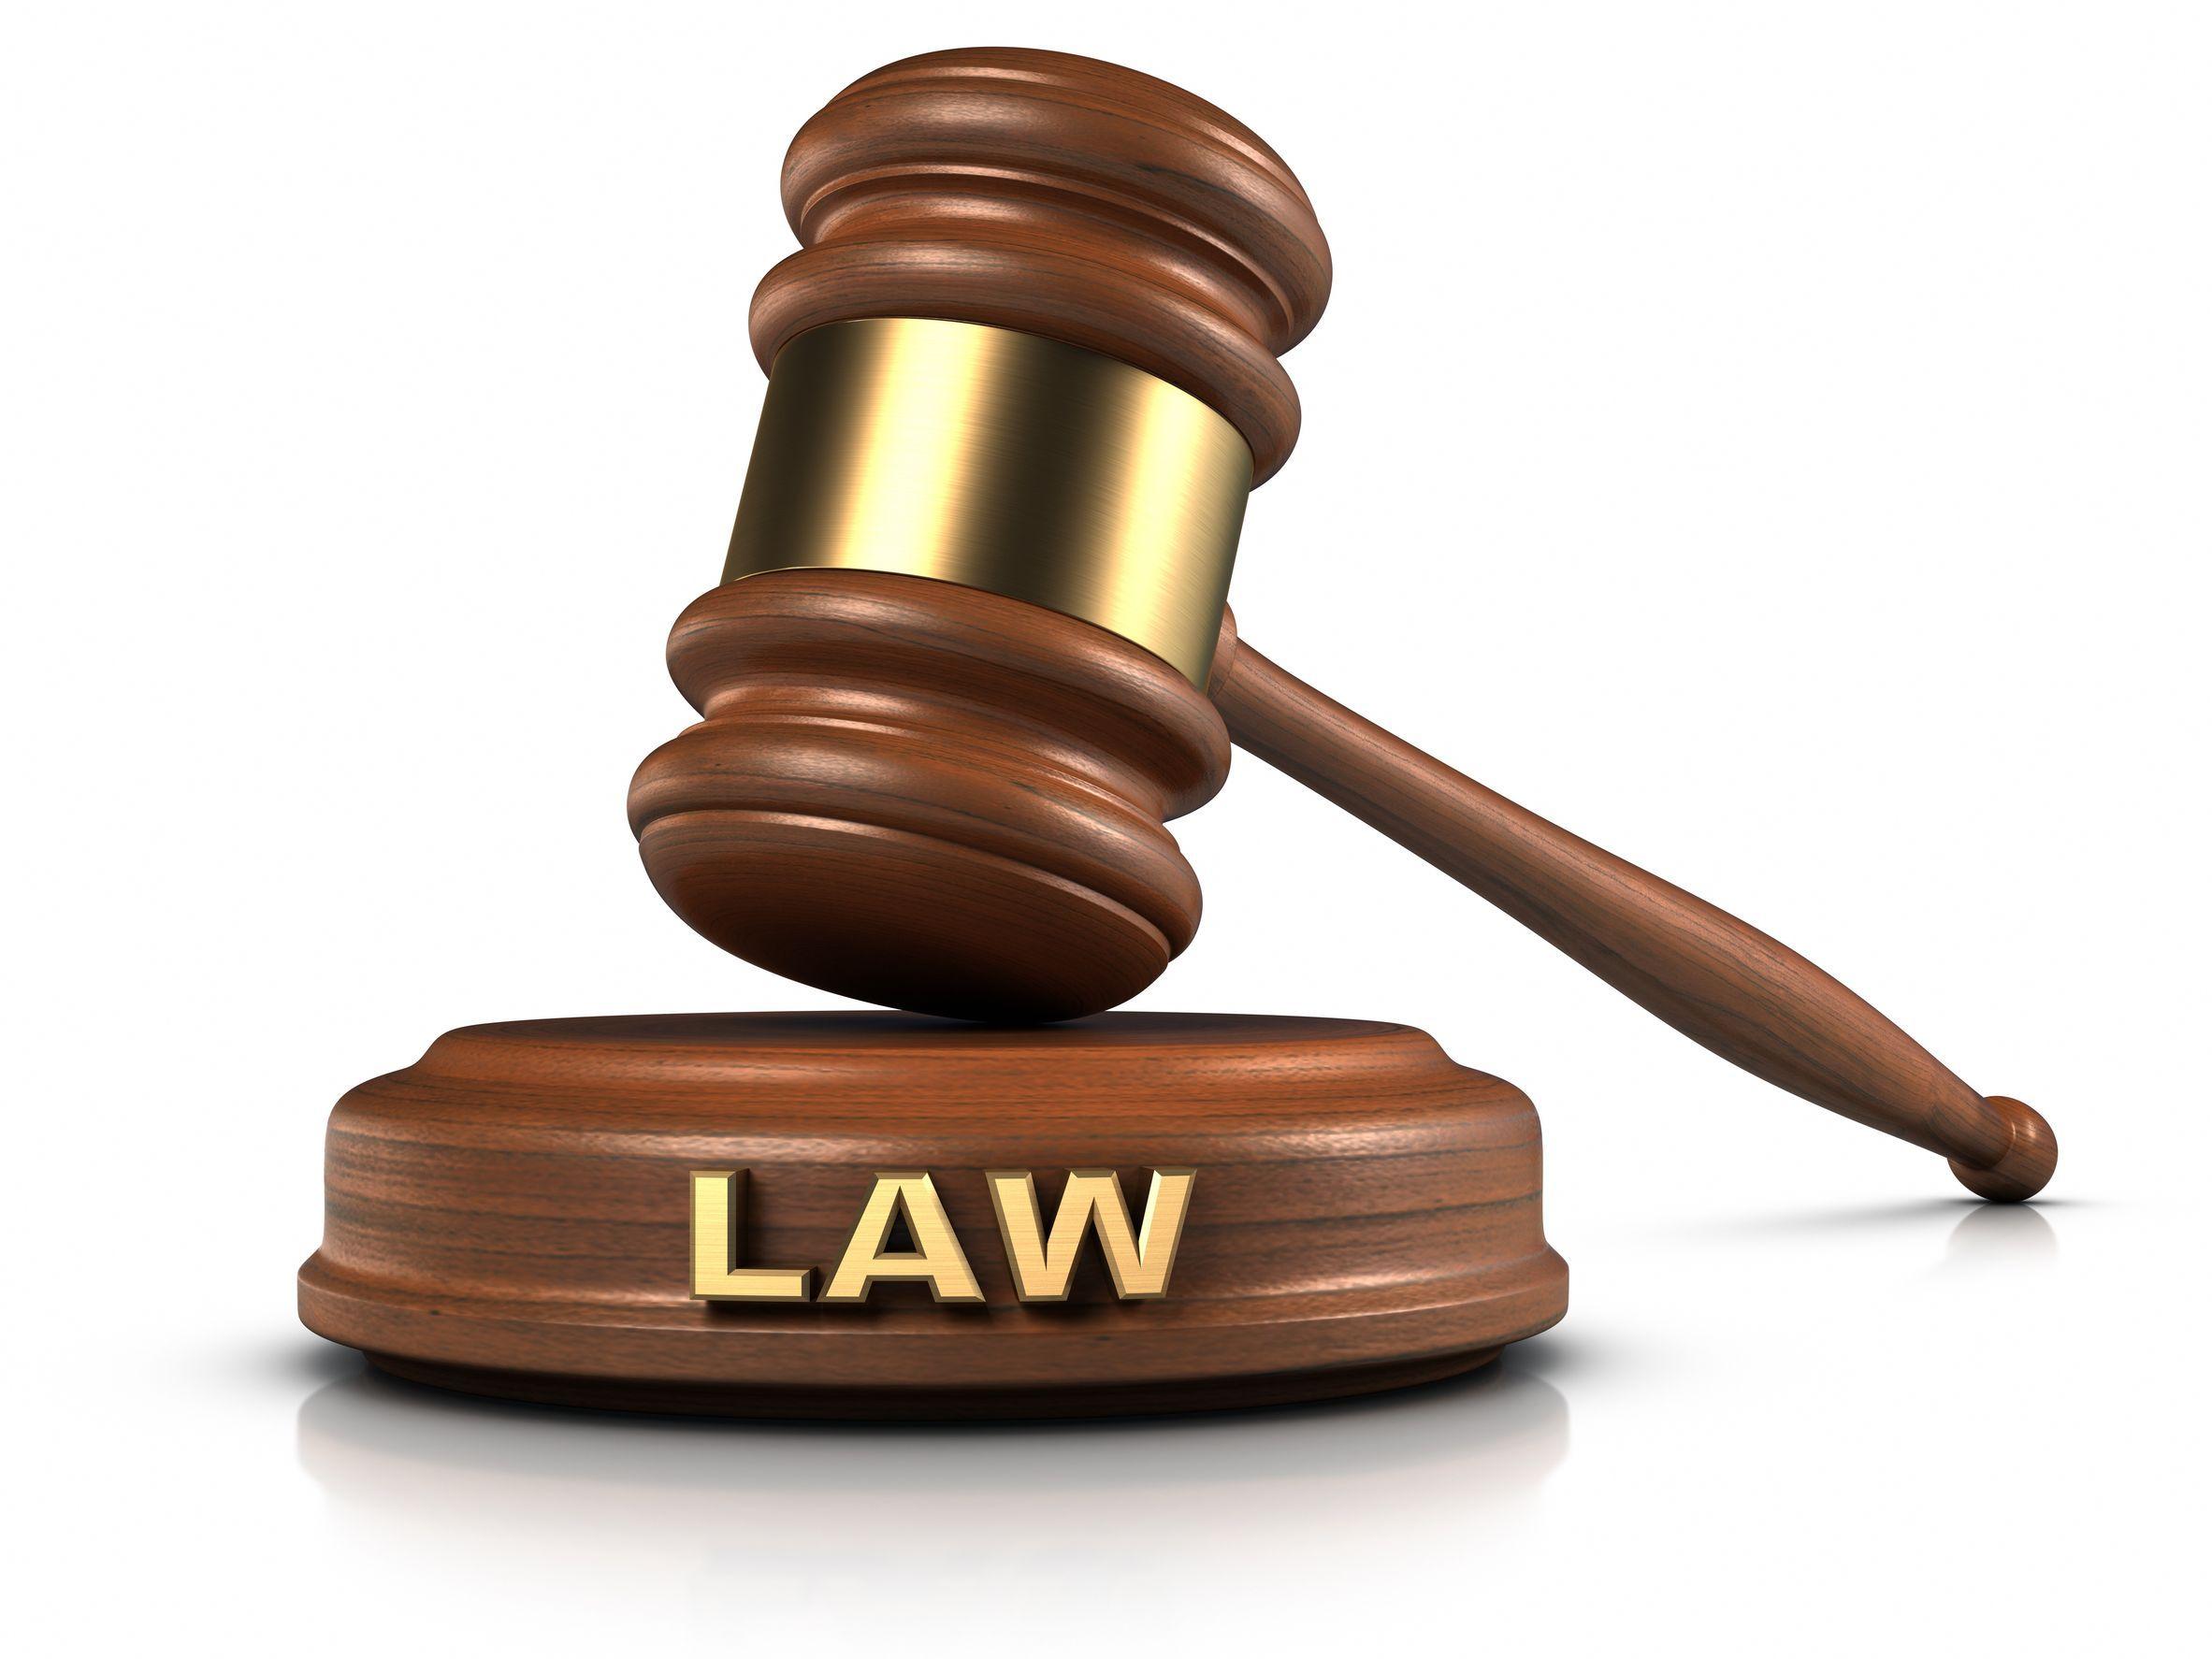 Imagini pentru law